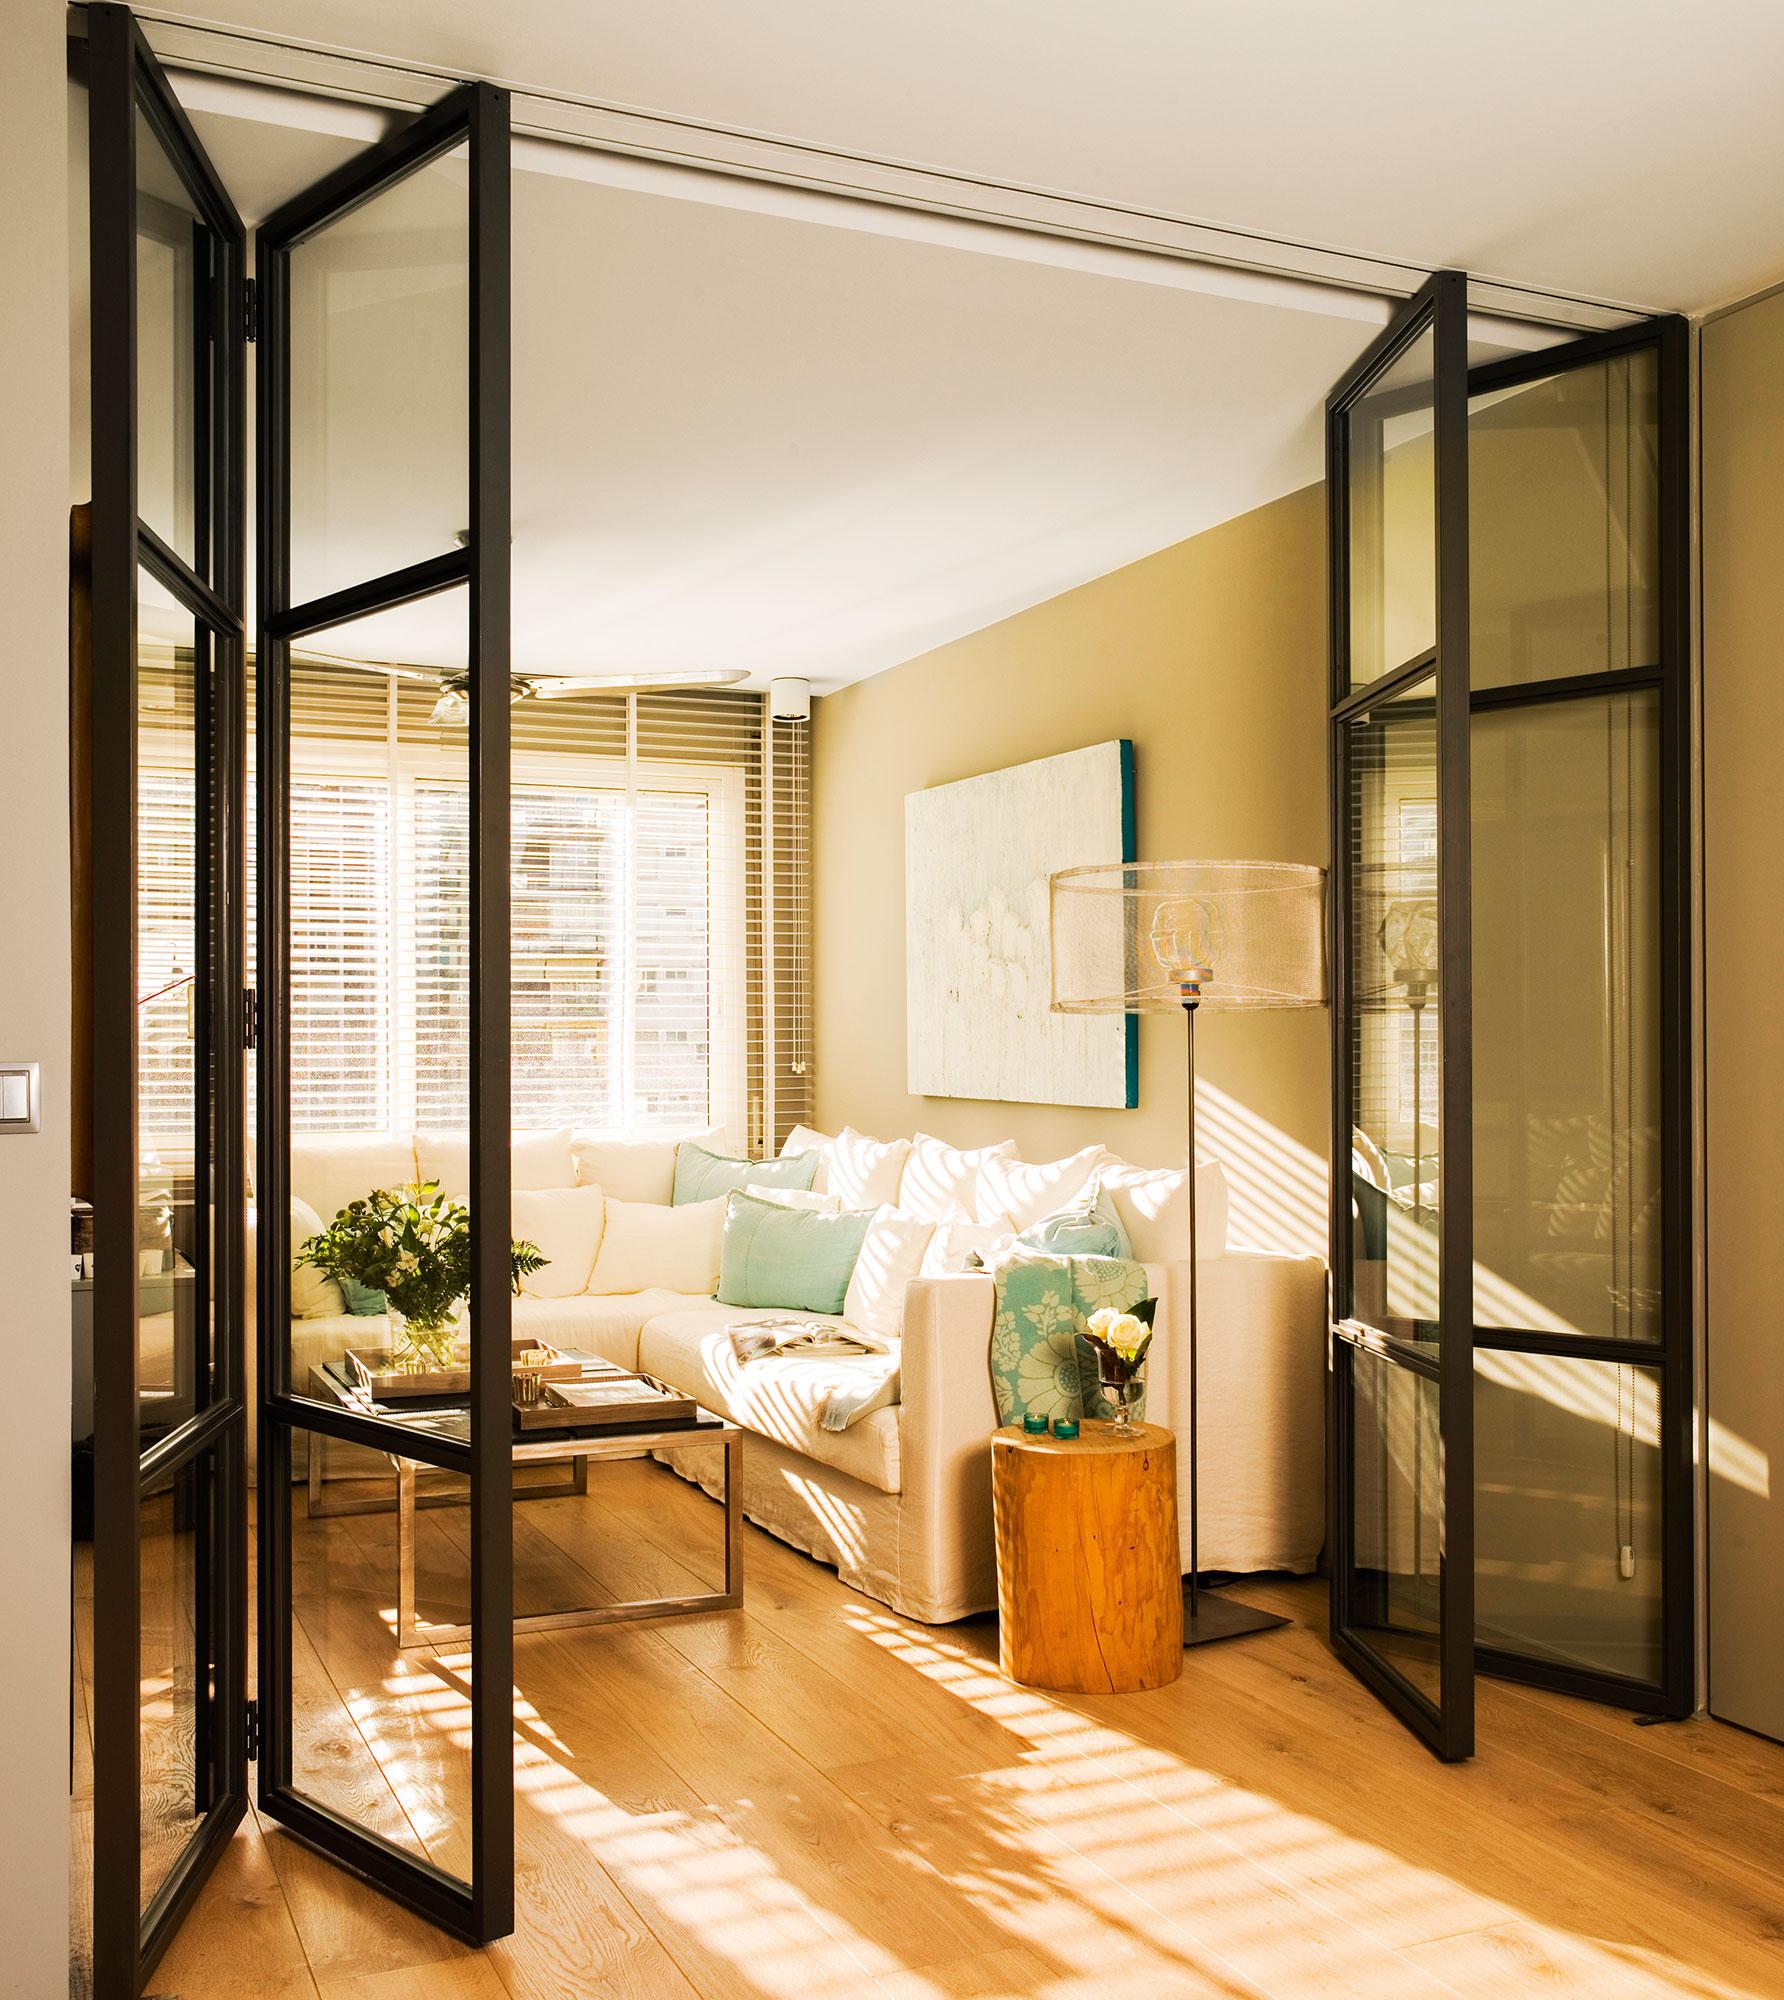 Instala una puerta corredera en casa y gana 1 5 m2 reales for Puertas para vivienda